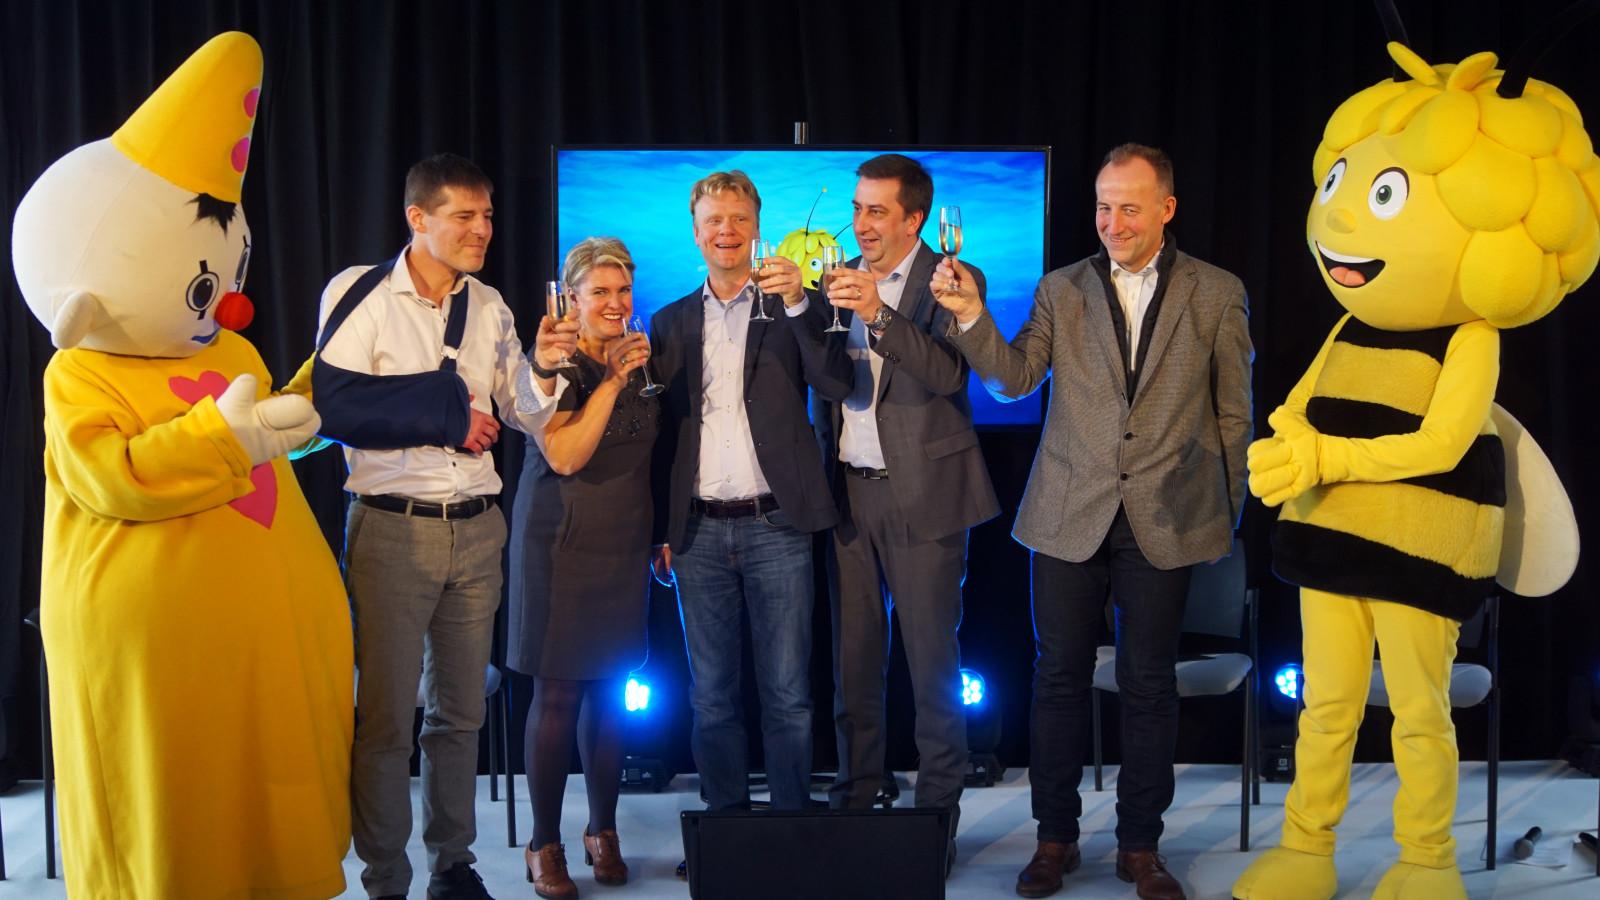 Définitif: Plopsa construit un nouveau parc aquatique en collaboration avec Hannut et Landen